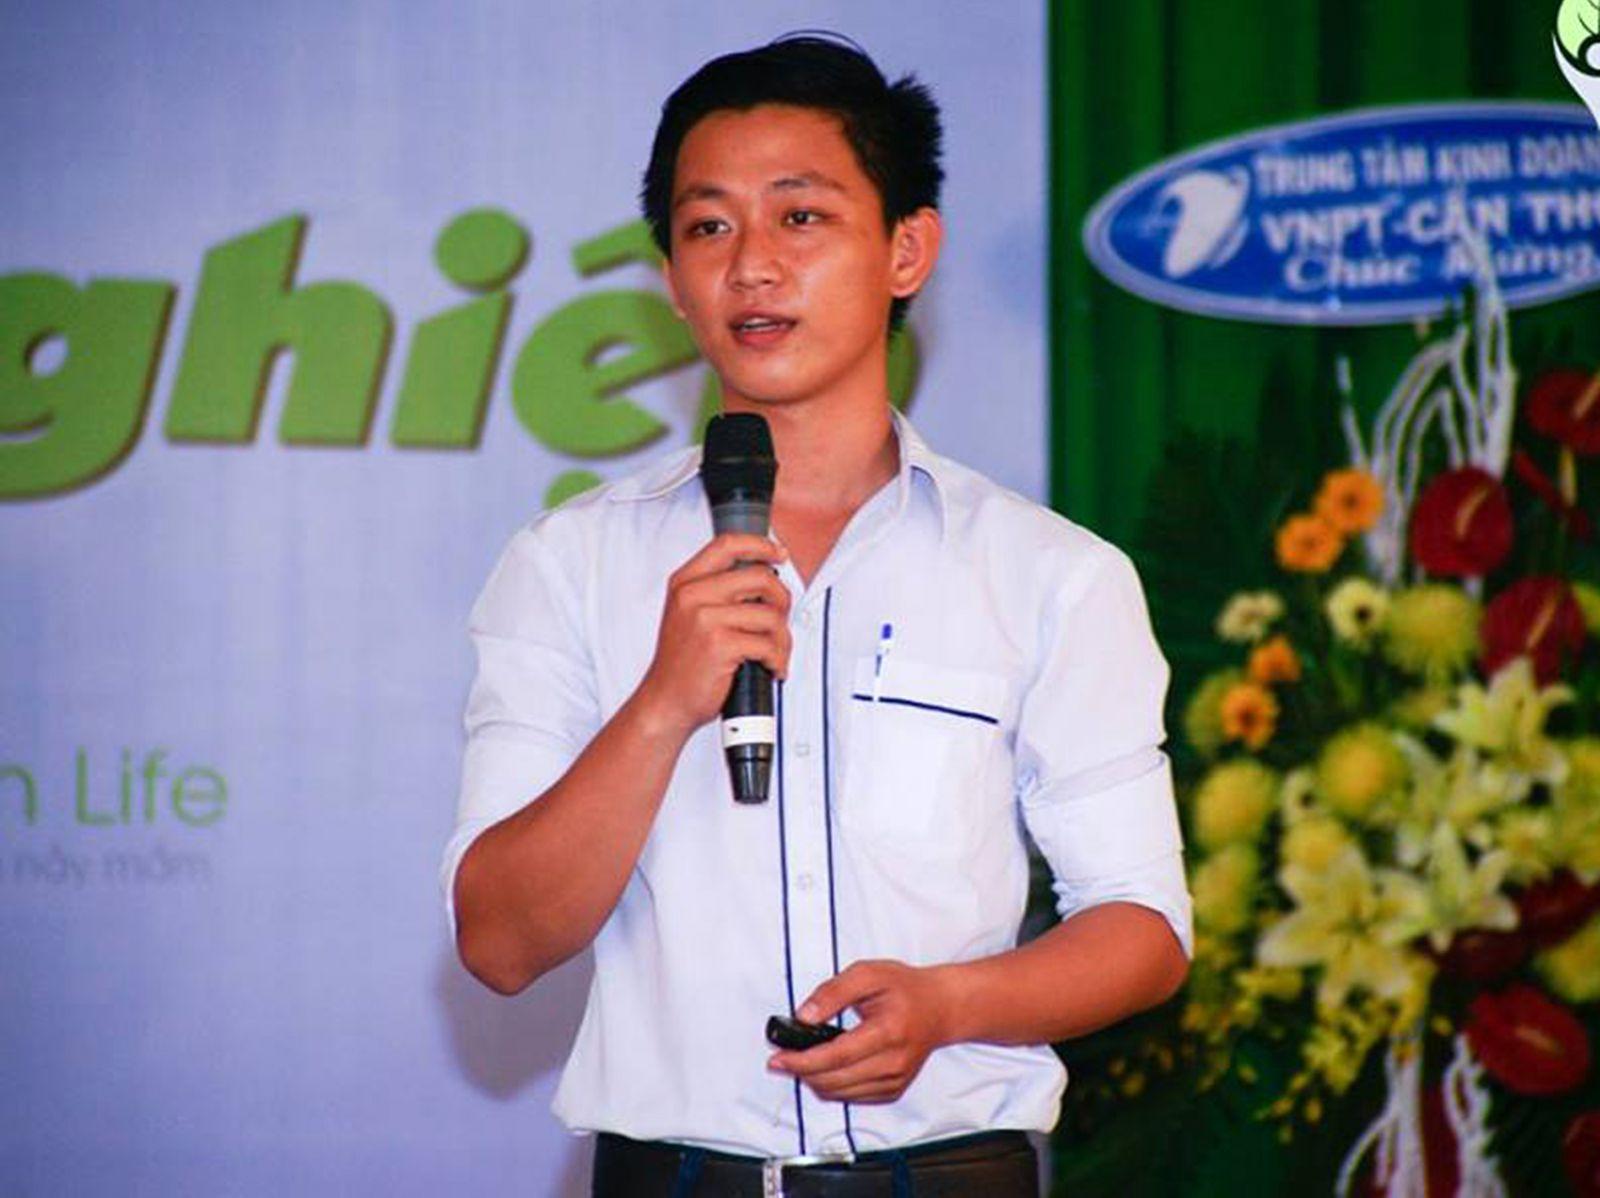 """Xuân Vinh thuyết trình tại cuộc thi """"Sáng tạo ý tưởng khởi nghiệp""""."""